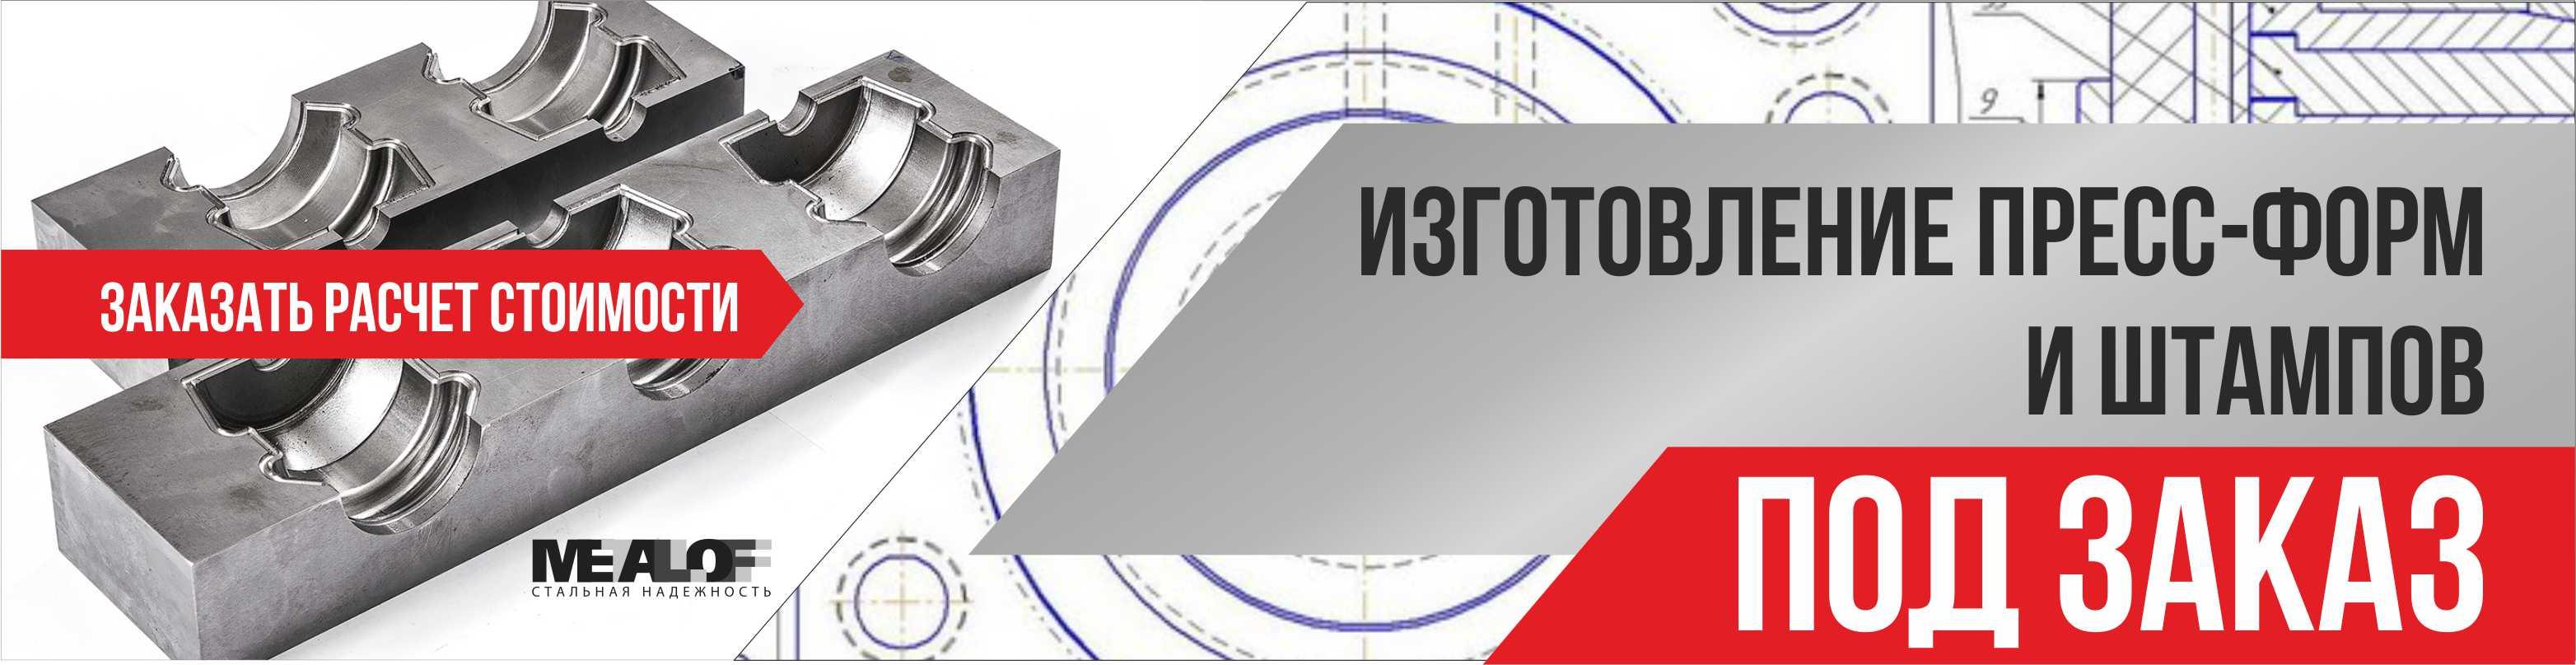 Производство пресс-форм и штампов